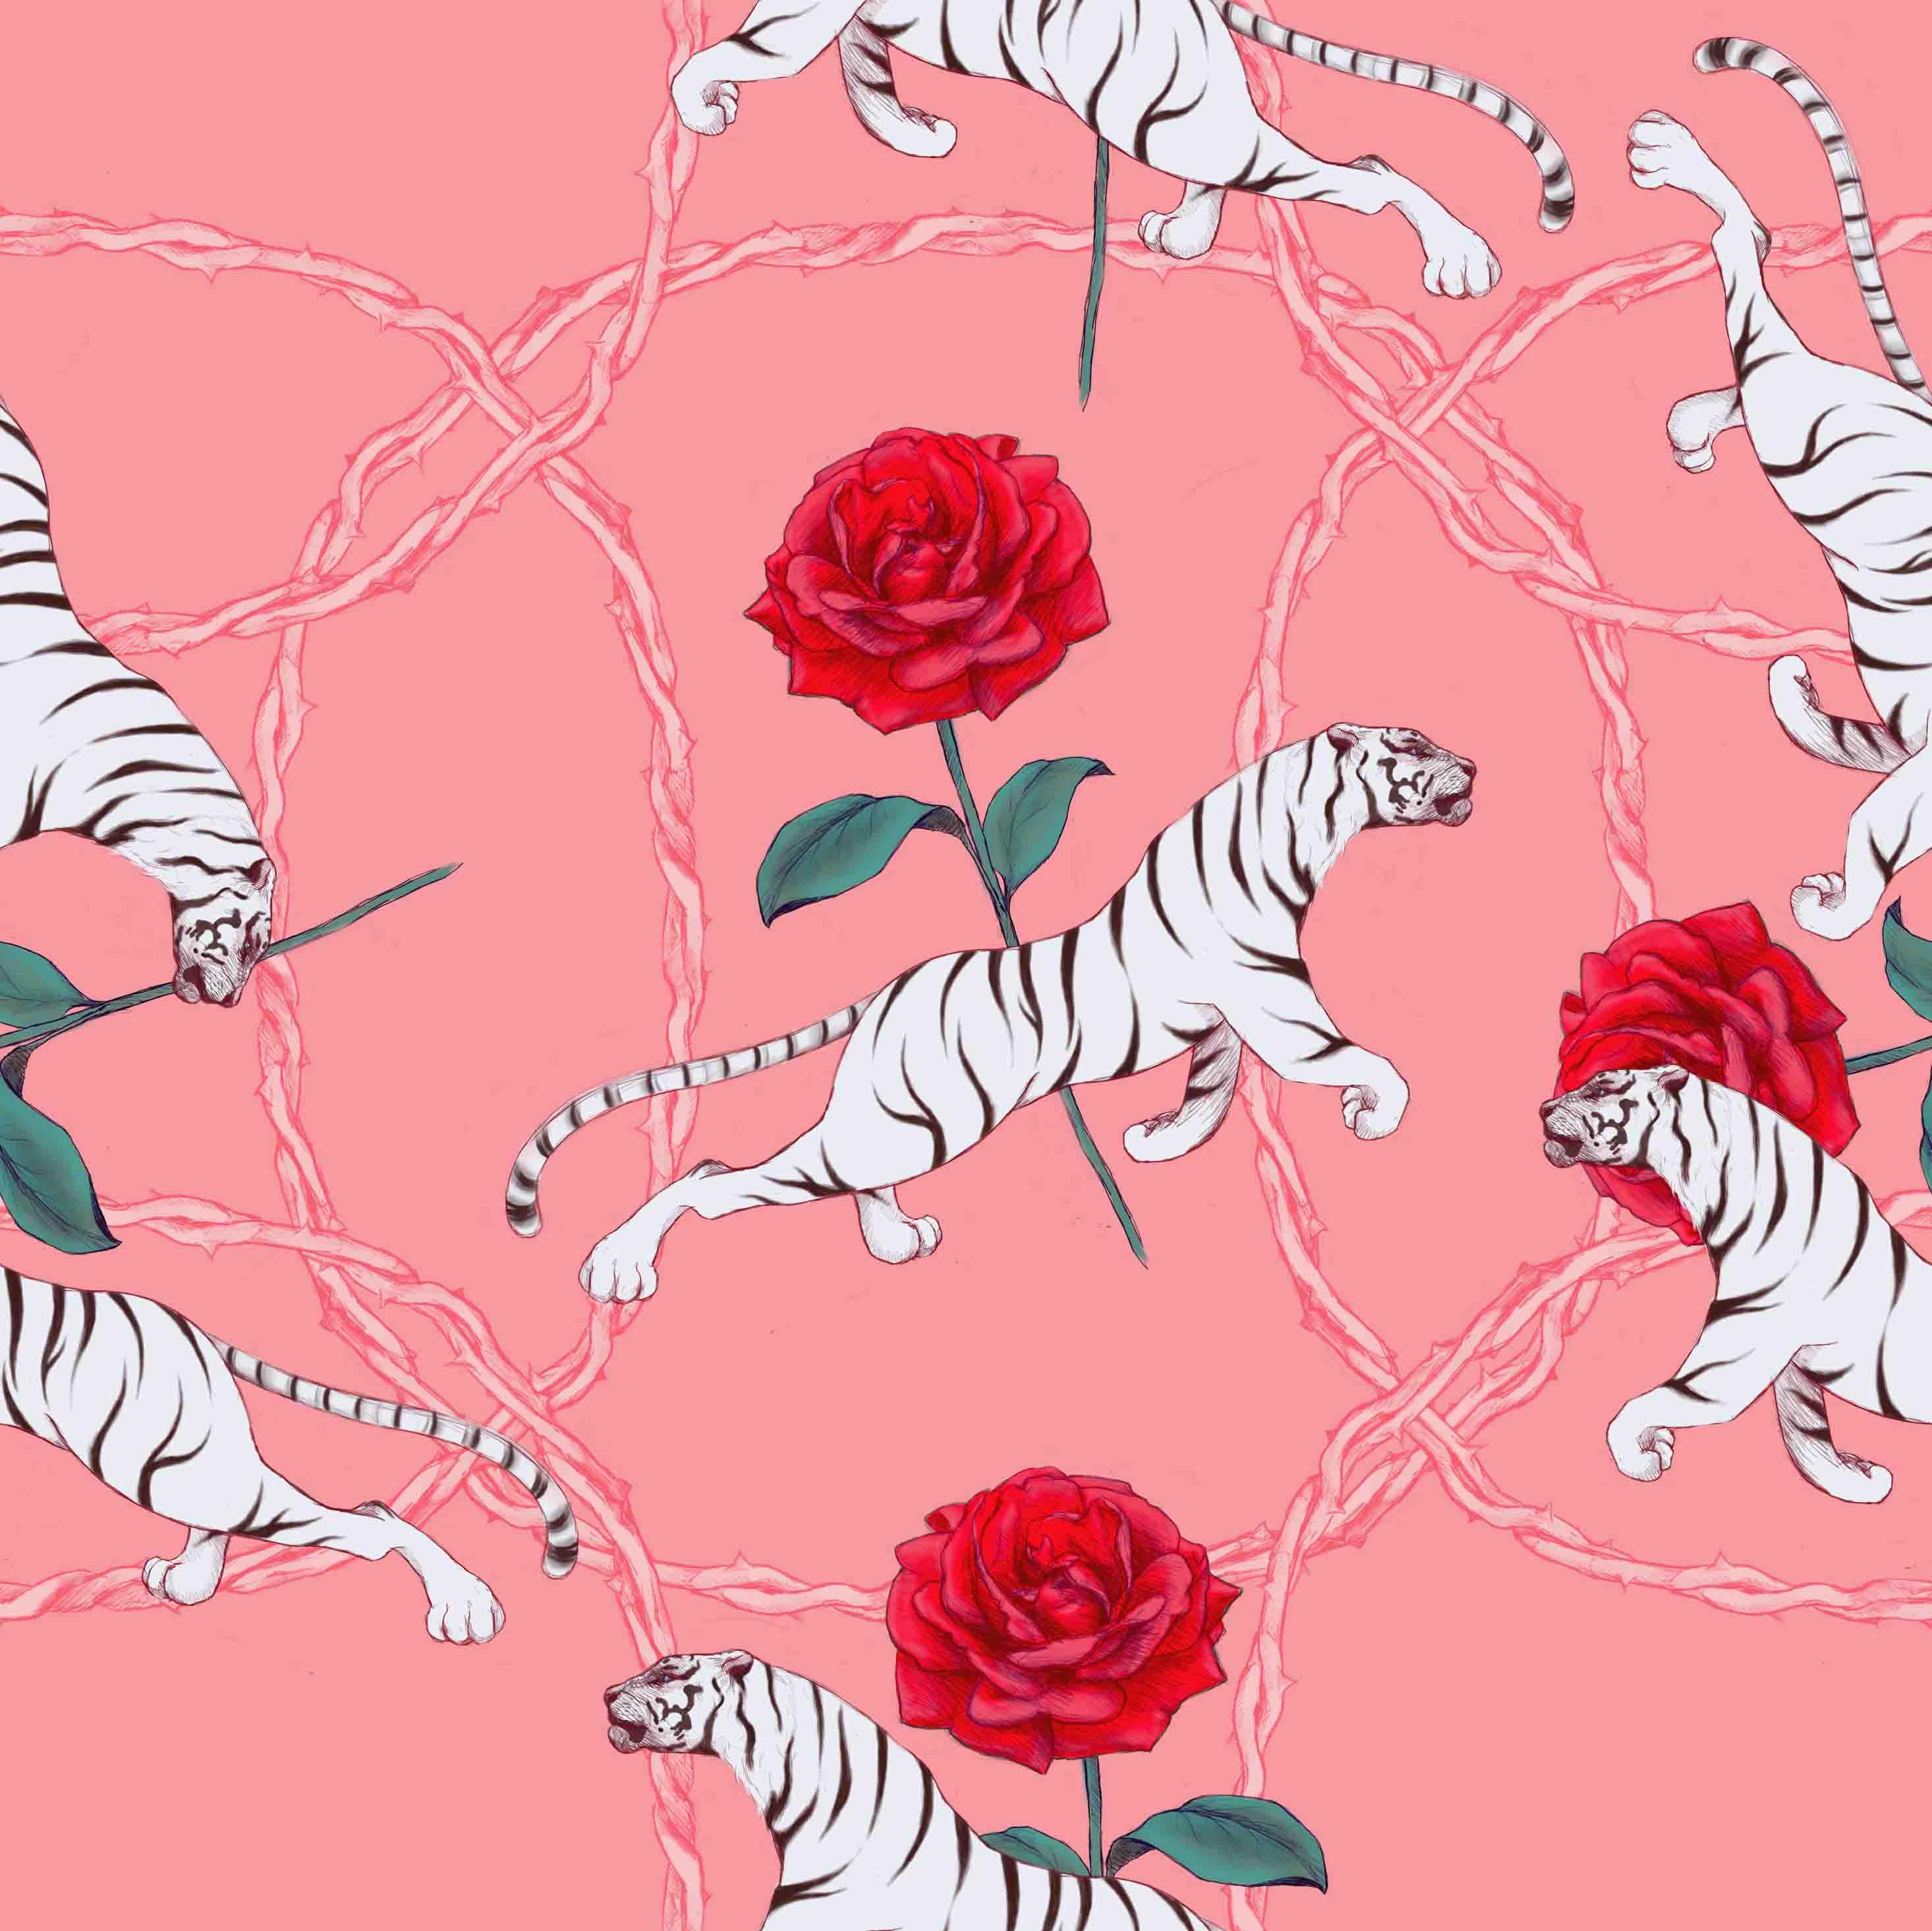 原创作品:虎和蔷薇四方连续图案